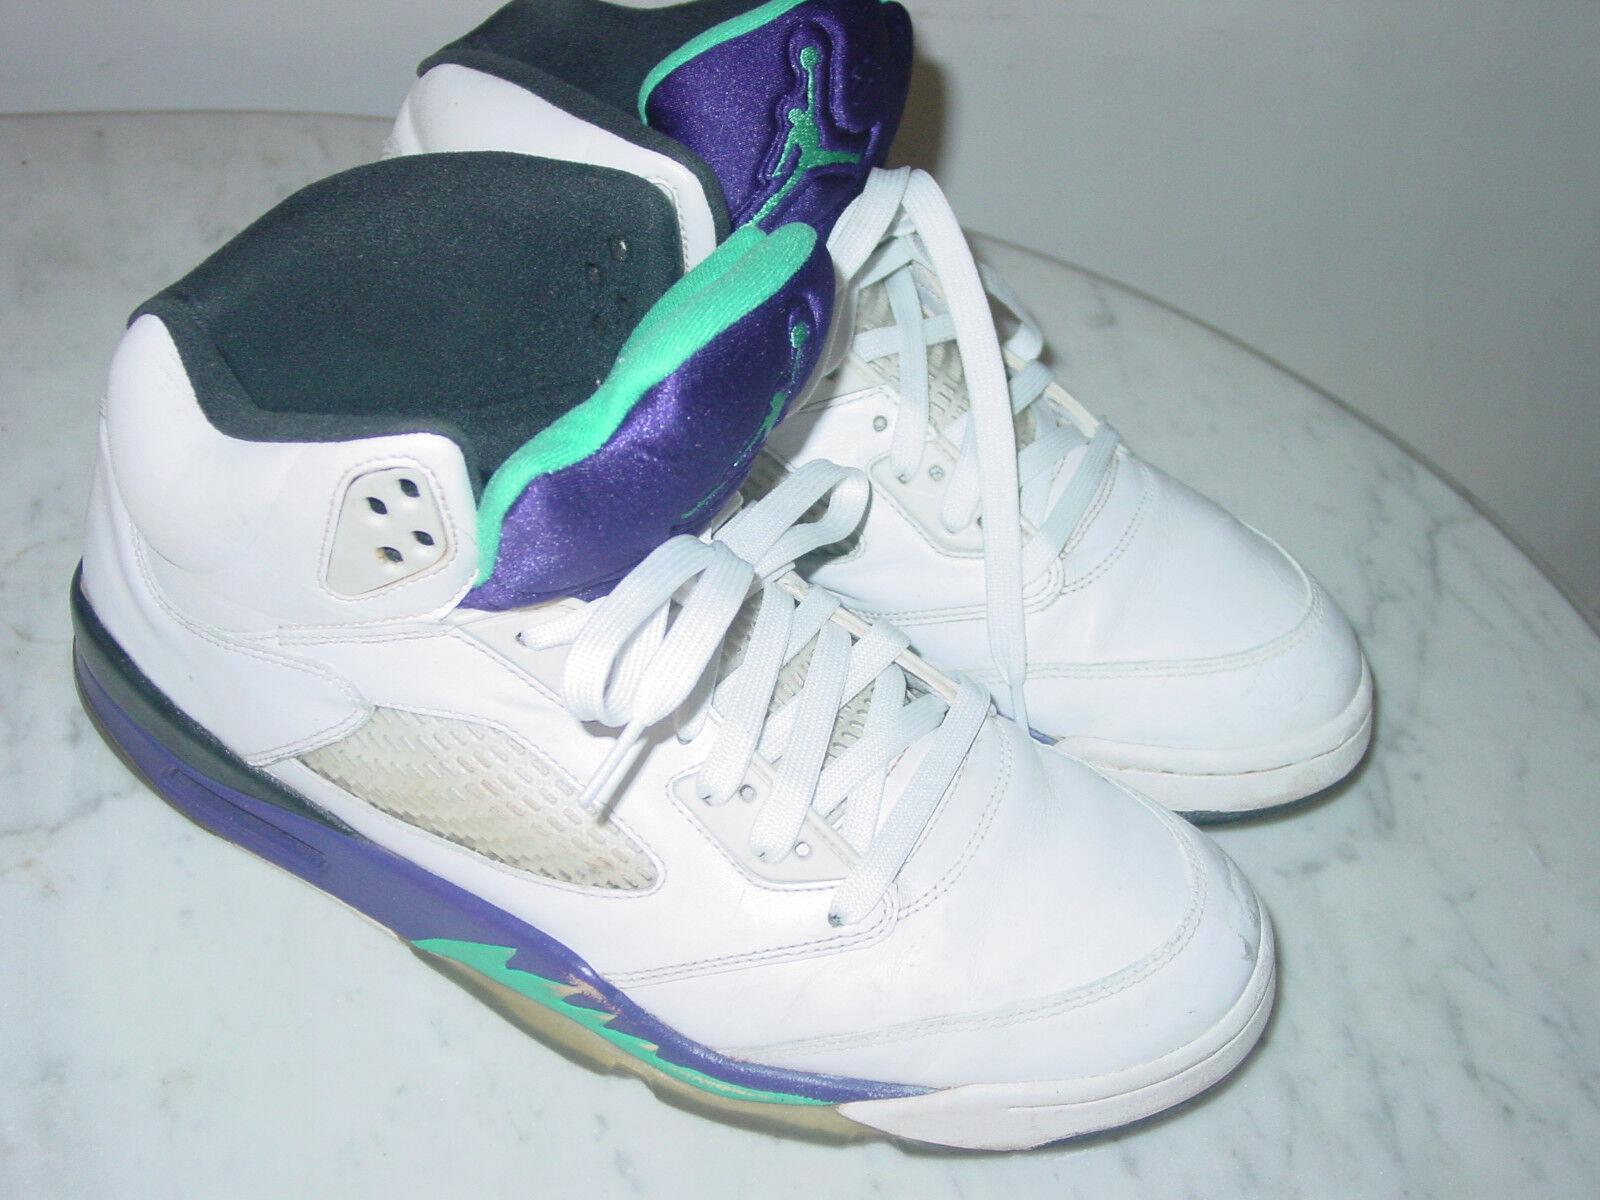 2012 Nike Air Jordan Retro 5